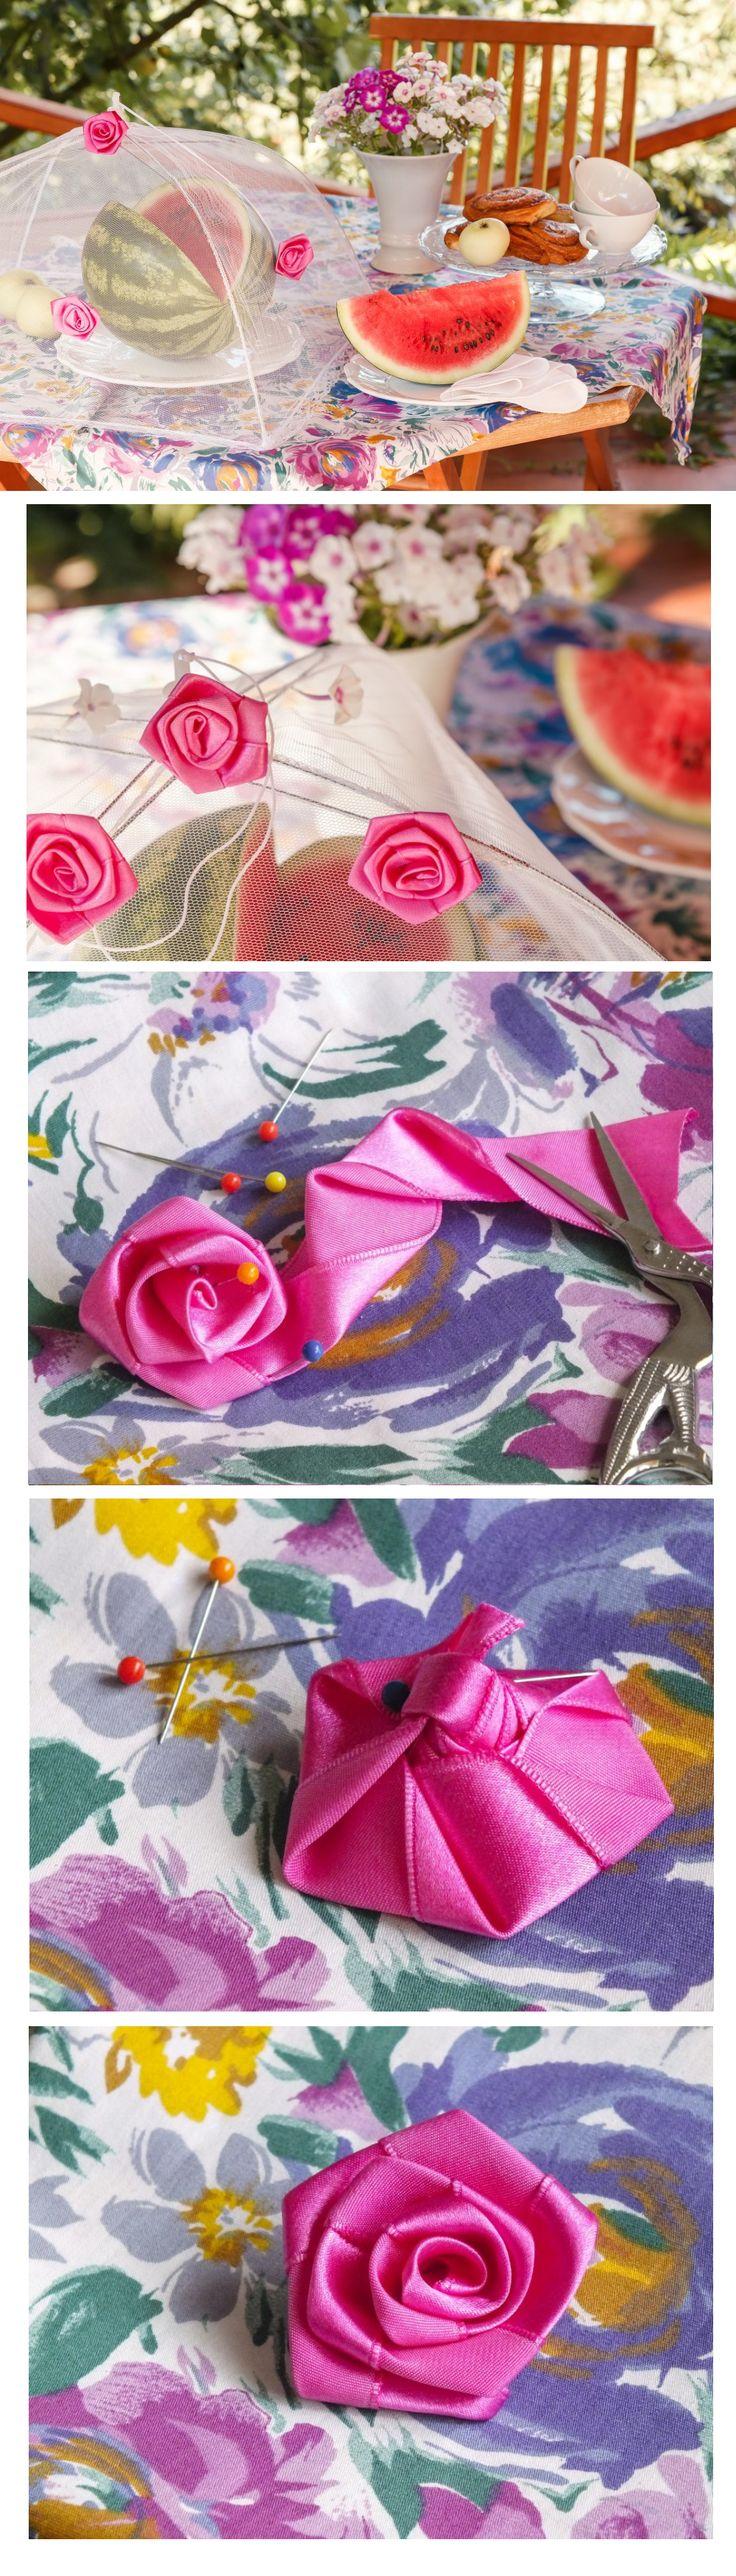 Vyrobit růži ze stuh se vám může hodit při různých příležitostech, například jako ozdoby na šaty nebo do vlasů. My jsme jimi ozdobili poklop z jemné síťoviny, který se dá snadno složit a sbalit klidně na piknik.